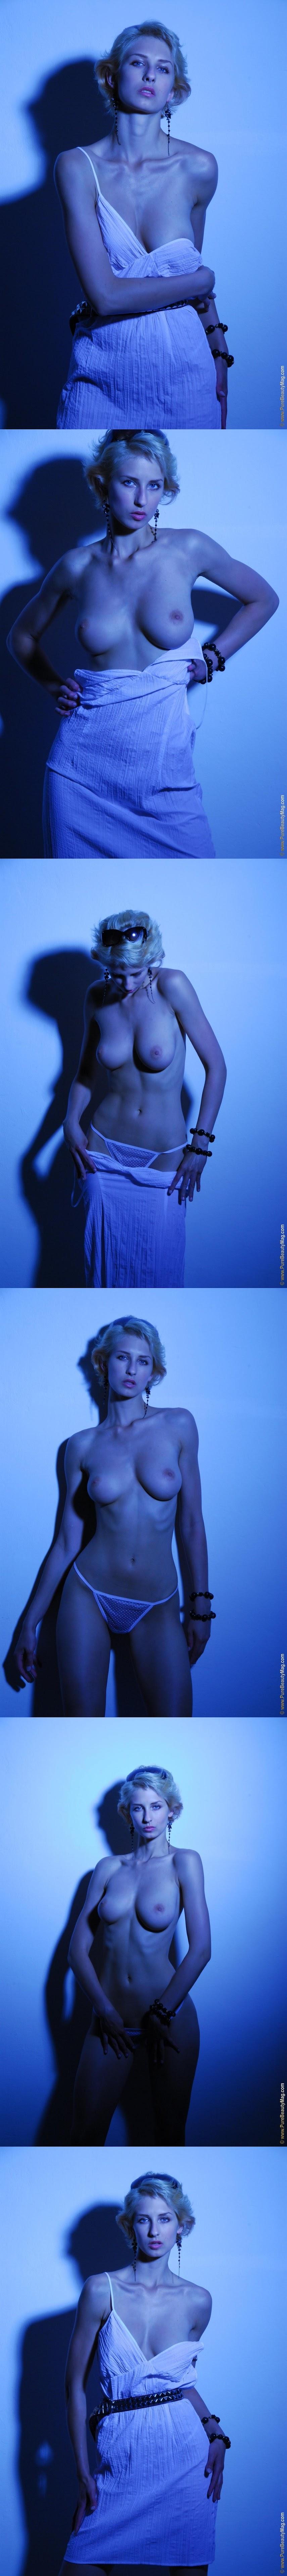 PureBeautyMag PBM  - 2007-06-20 - #s363324 - Zuzana - Bound by Desire - 3872px - Girlsdelta